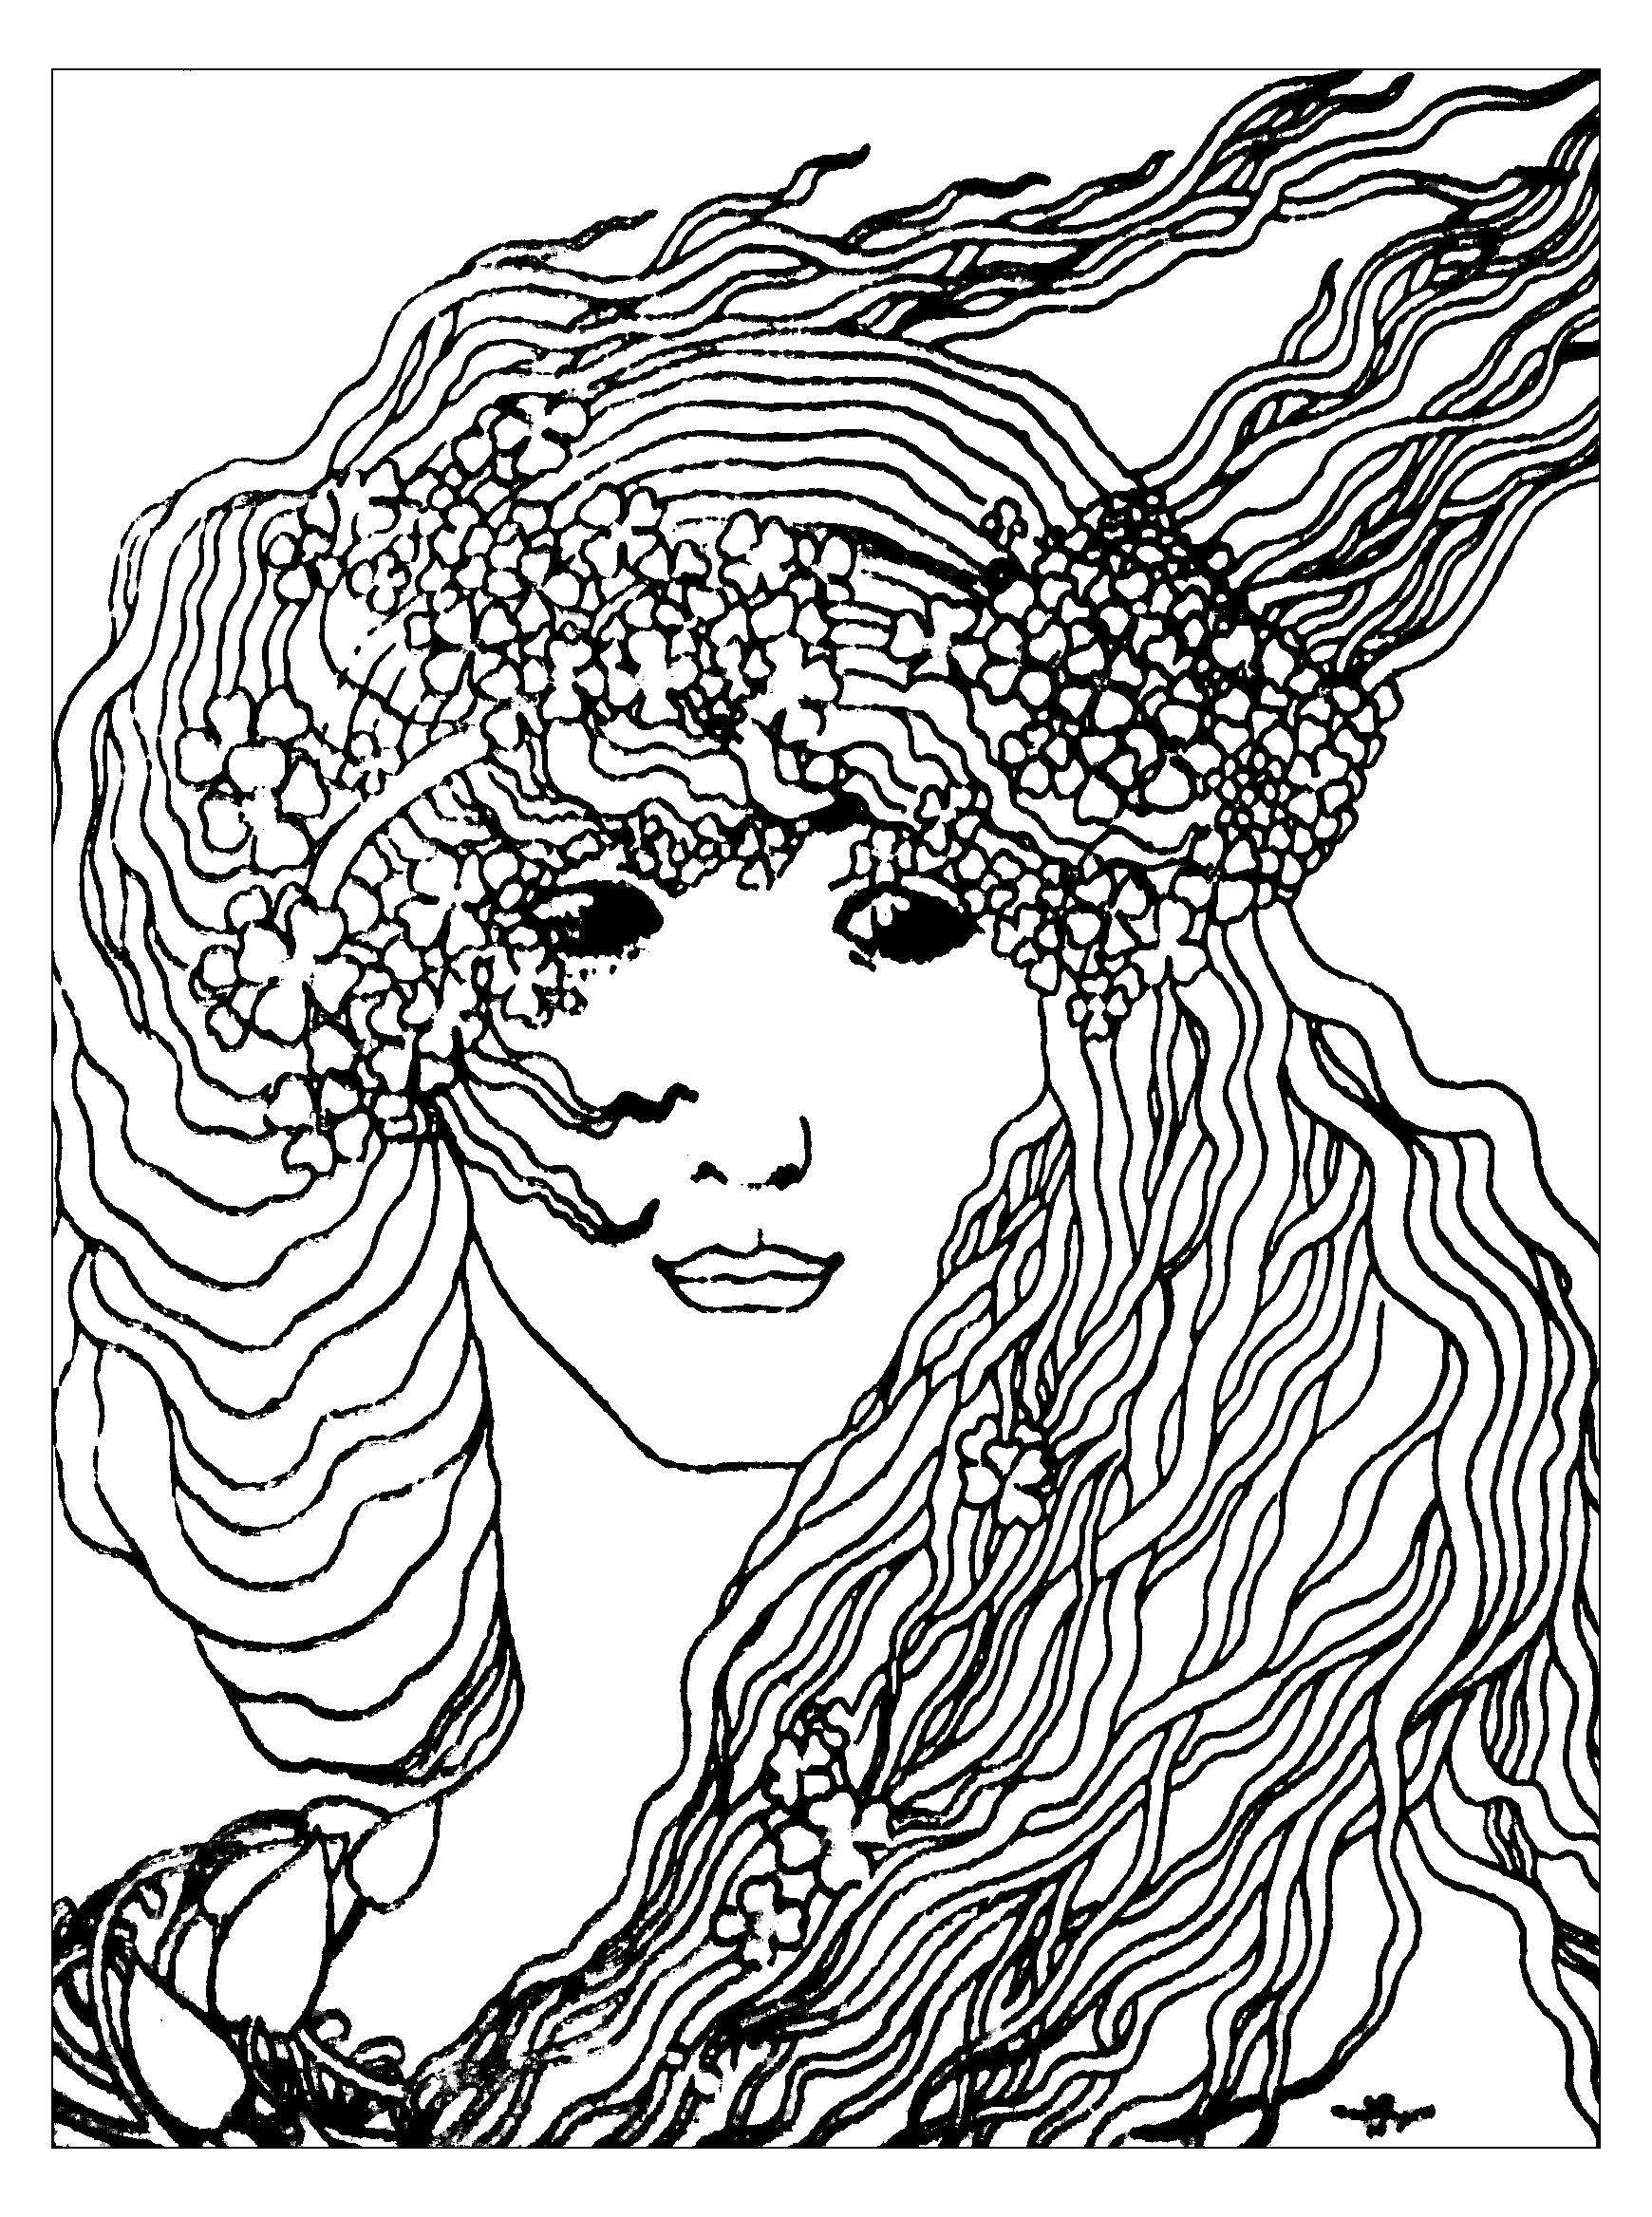 Colorear para adultos : Art nouveau - 22